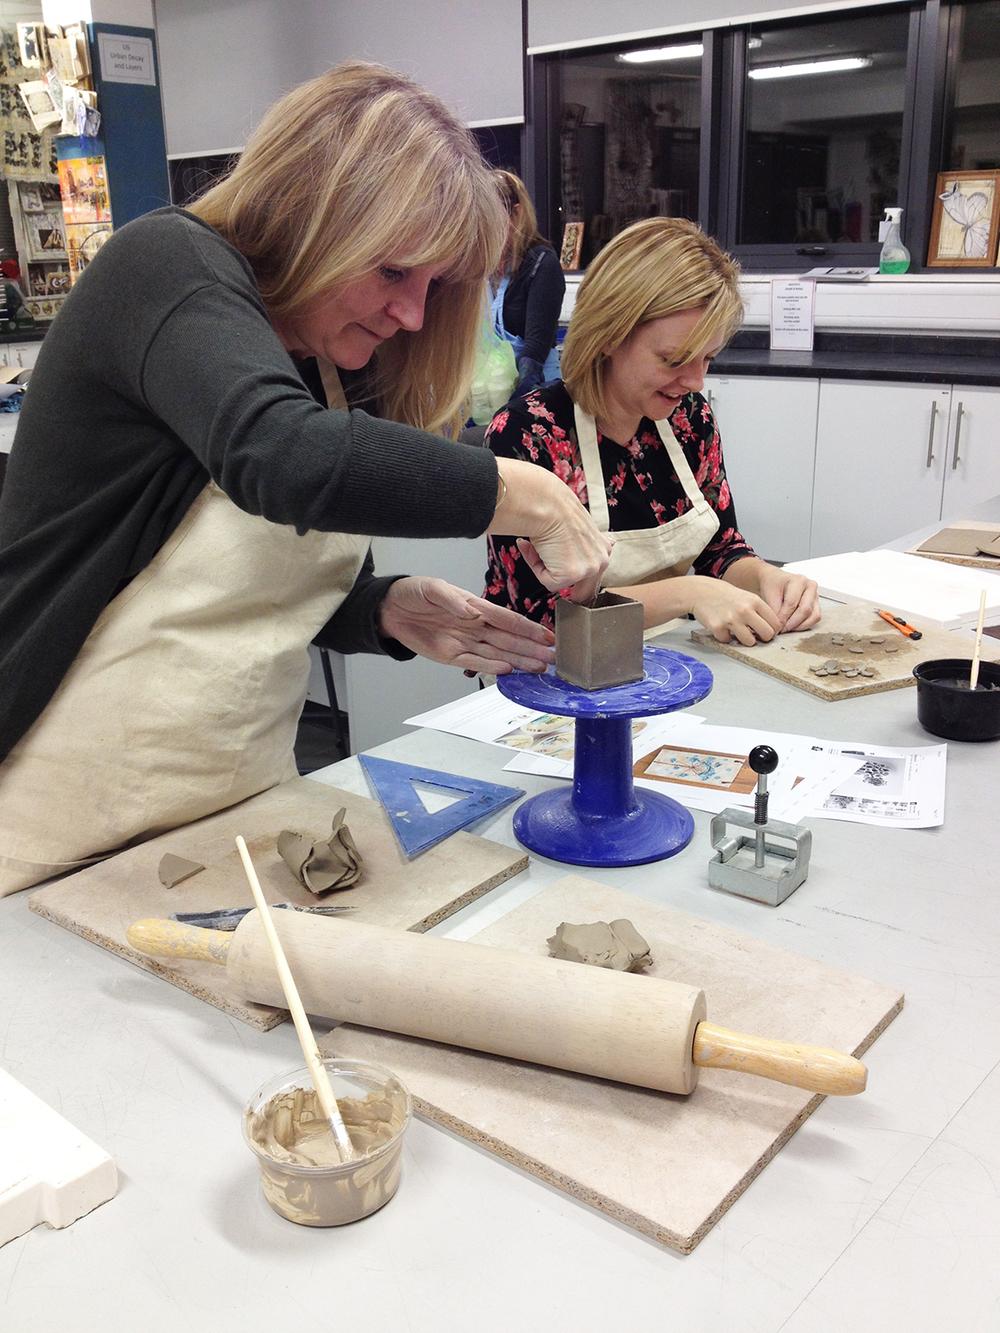 Ceramics Adult Education Course, Aquinas College.